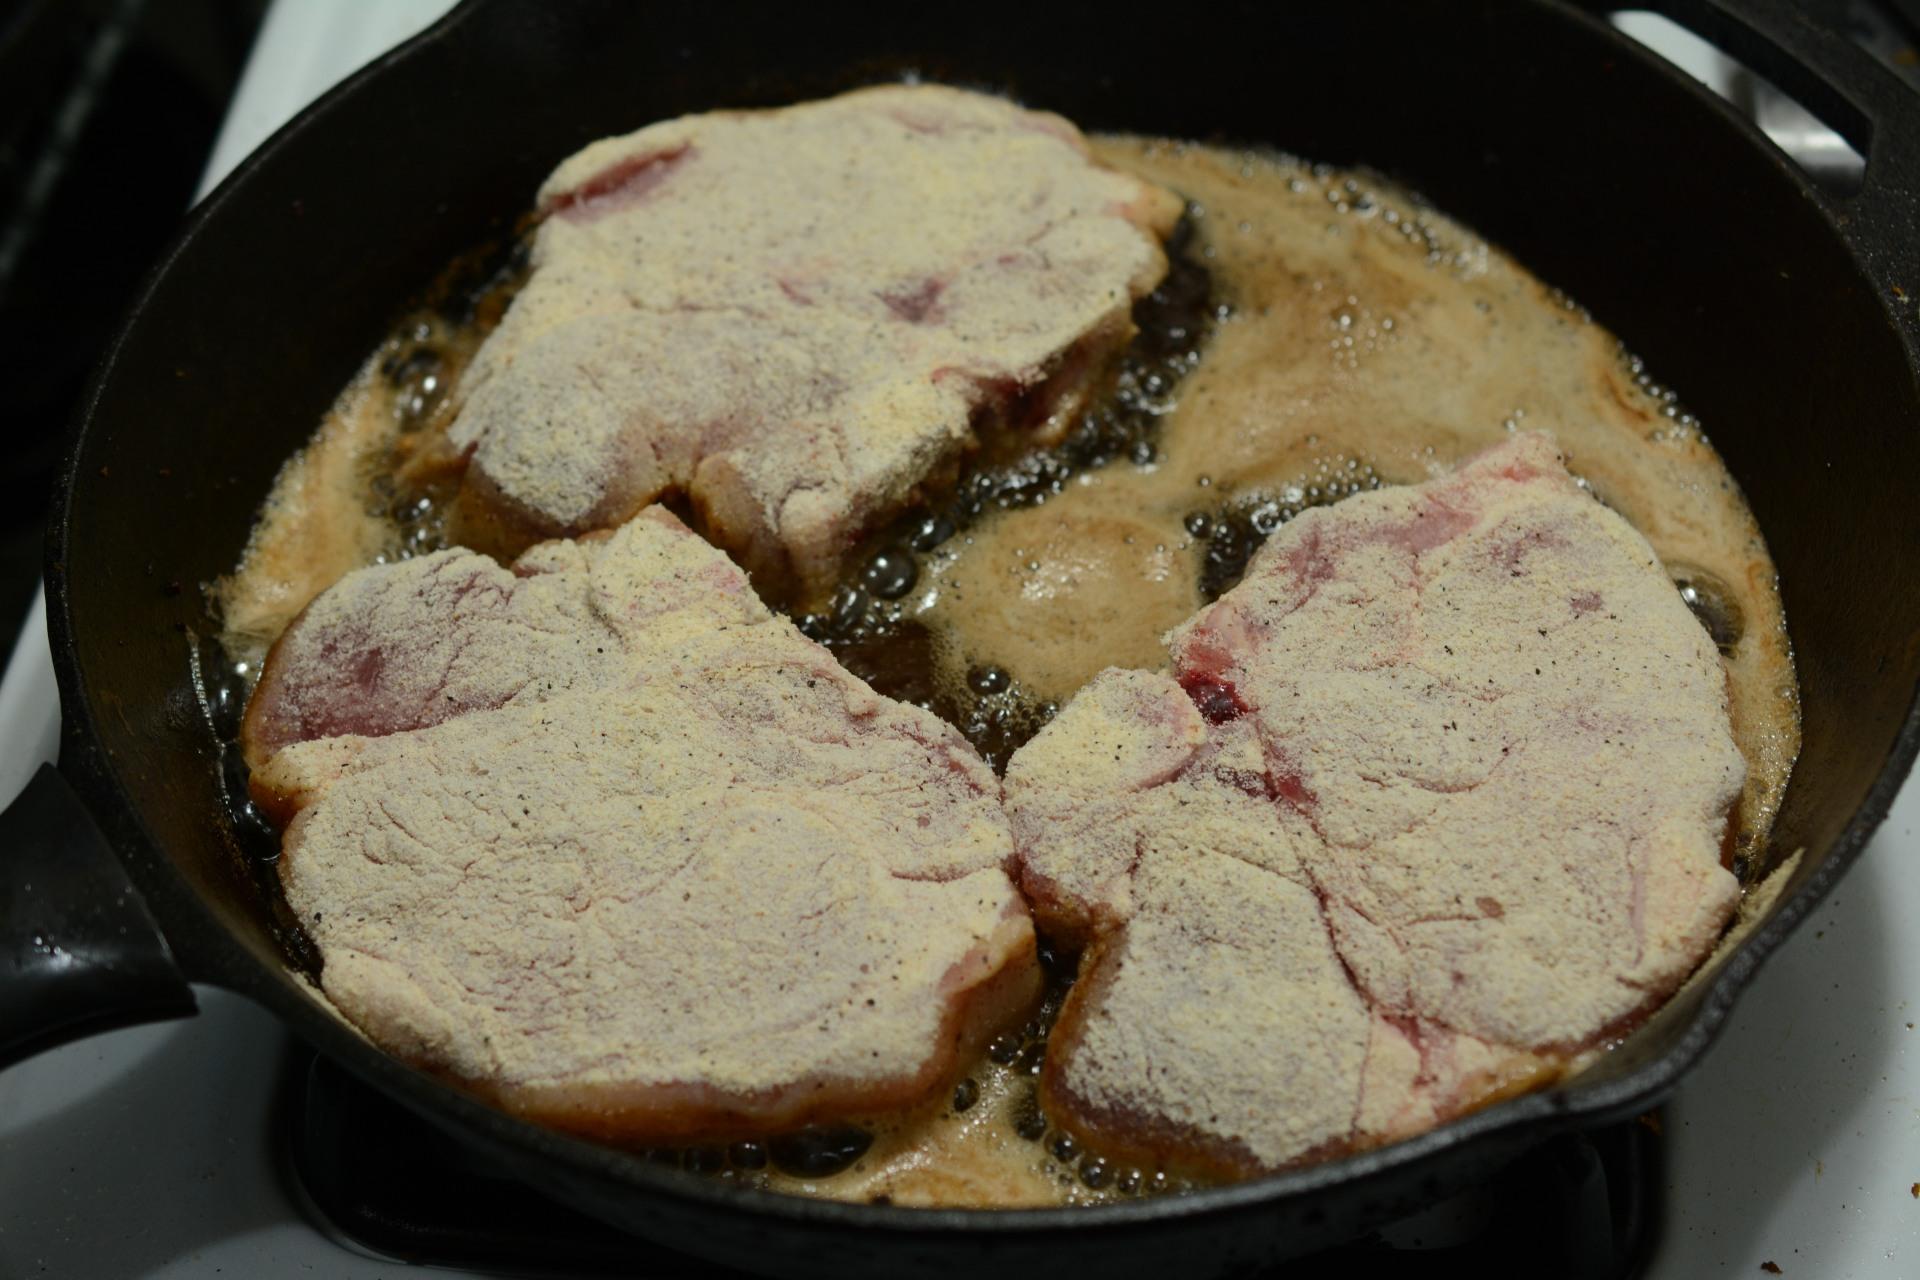 Pan Fried Pork Chops - Caveman Keto